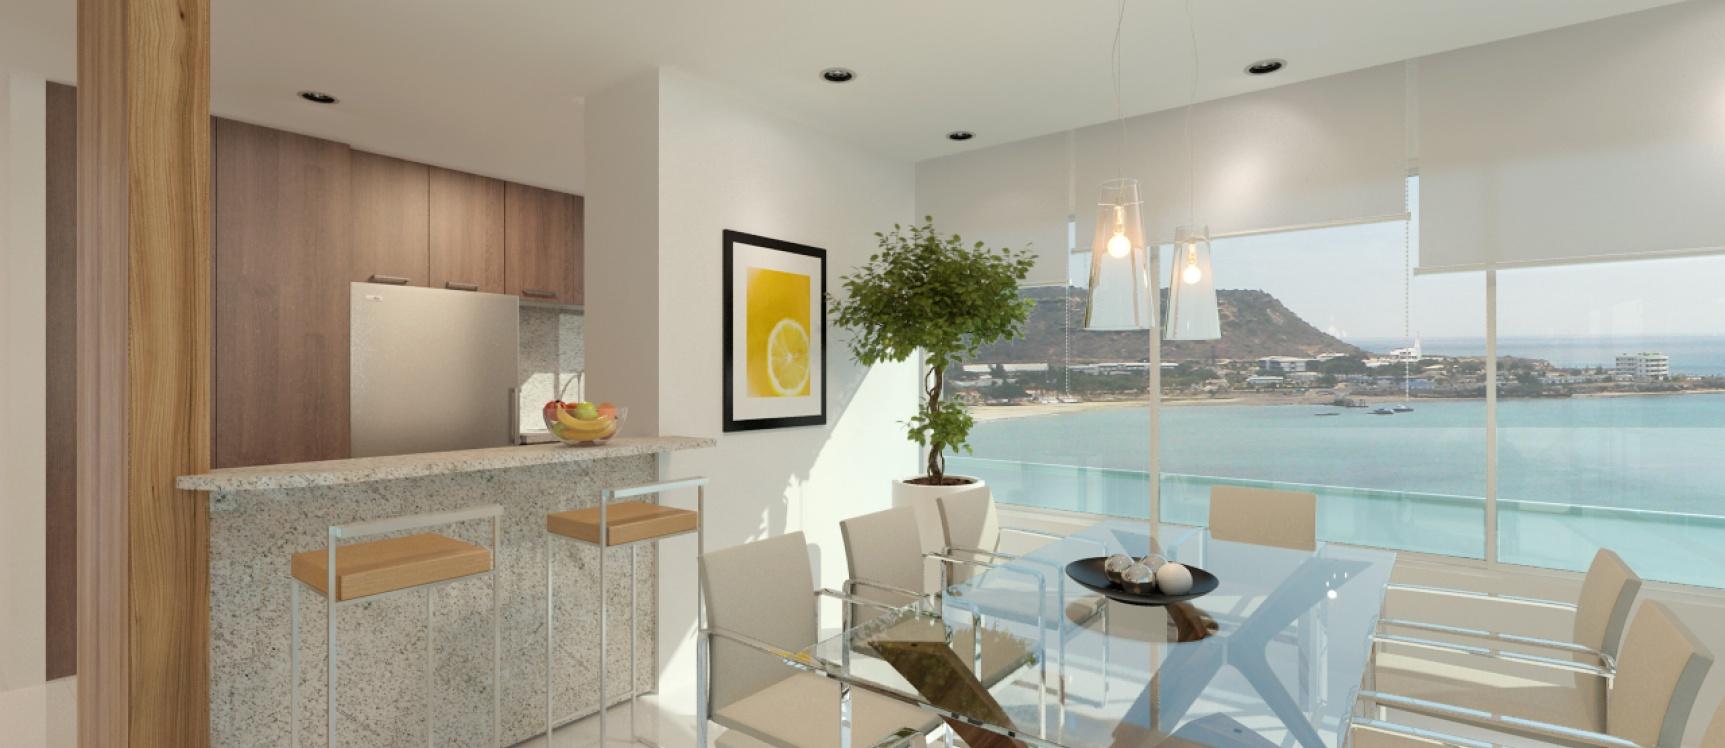 GeoBienes - Departamento en venta en Salinas de 3 dormitorios  y esquinero frente a la playa de Chipipe - Plusvalia Guayaquil Casas de venta y alquiler Inmobiliaria Ecuador